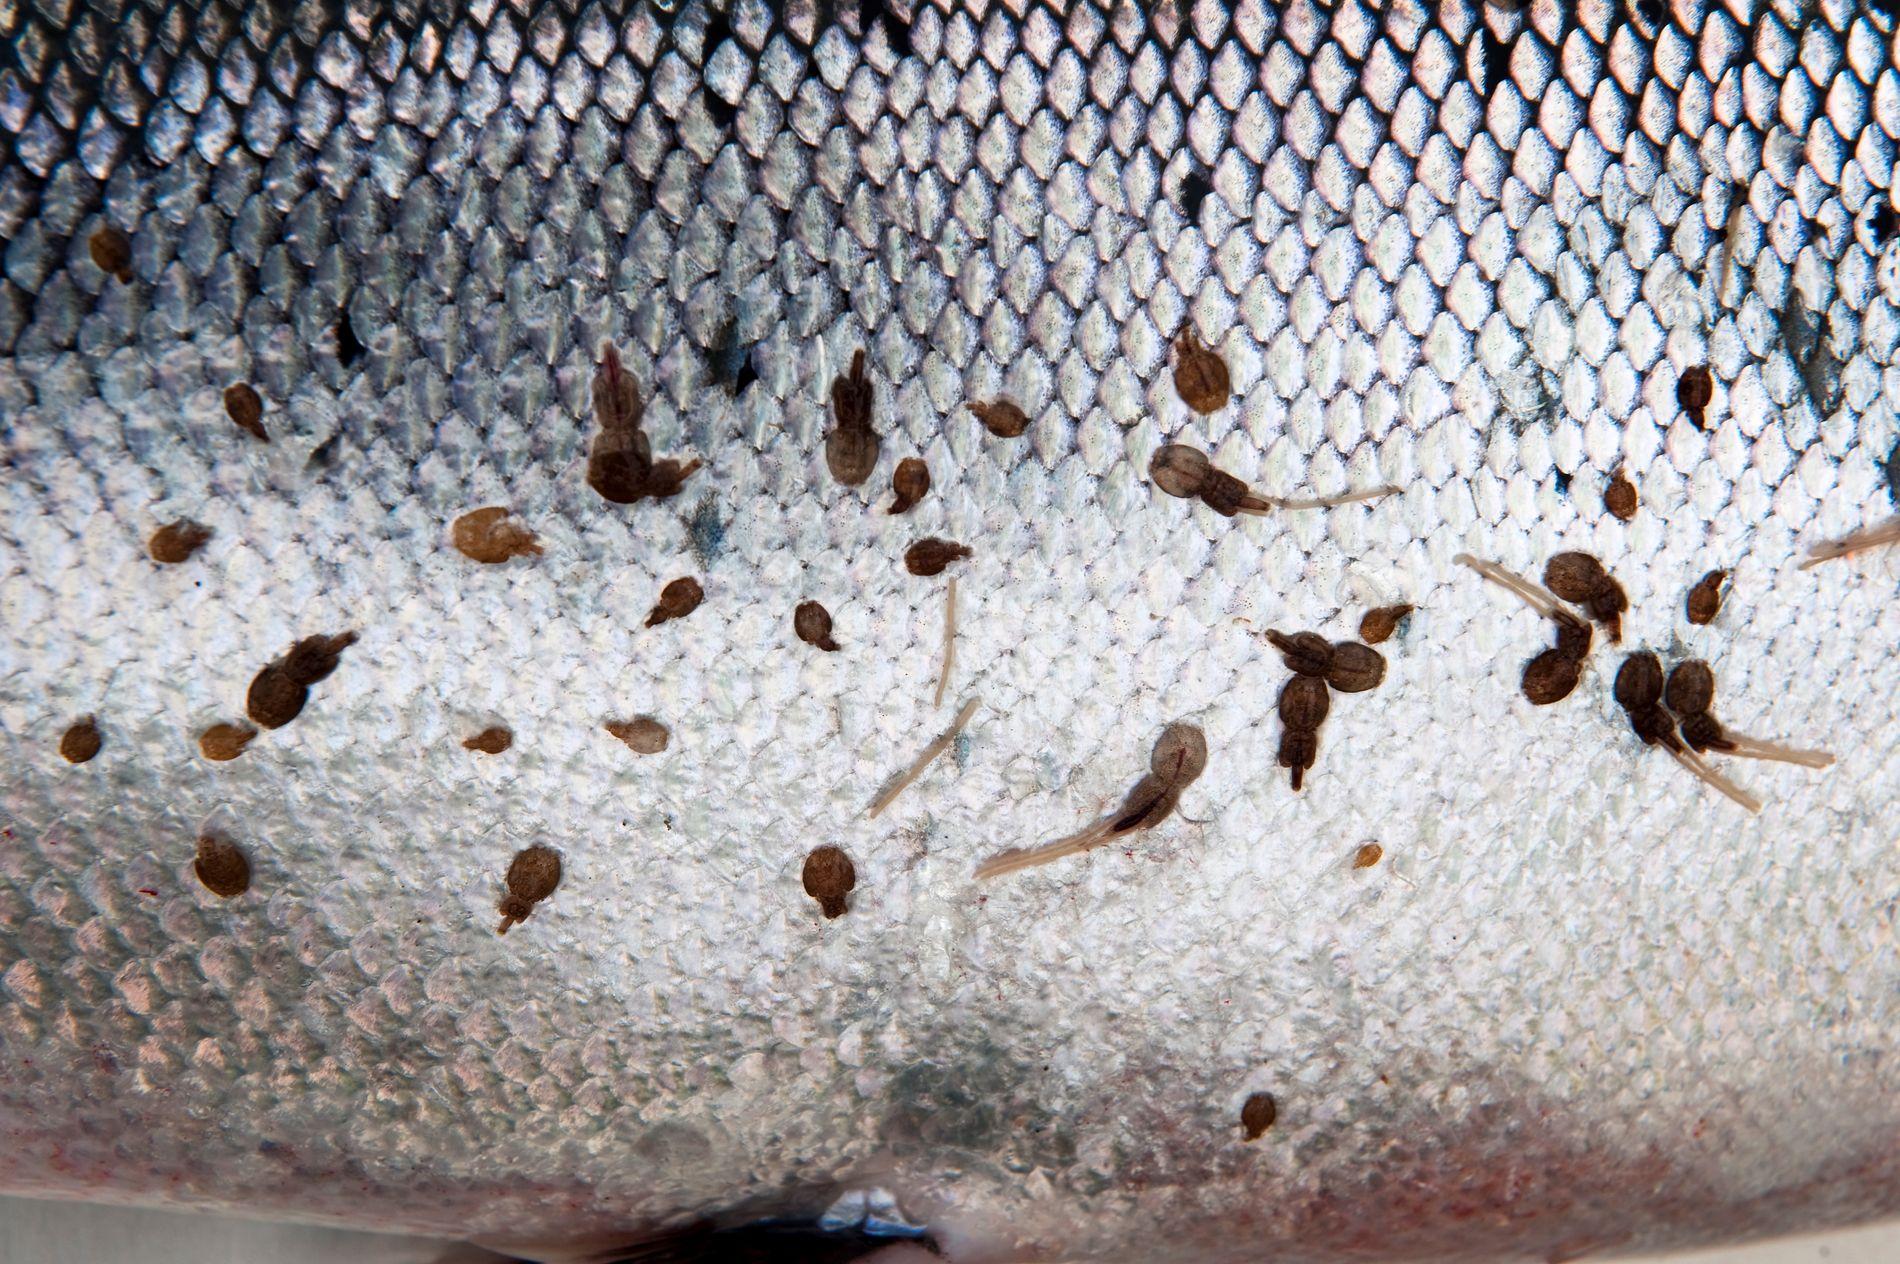 DREPER: Det er mer lus på vill laksefisk i områder med oppdrett. I enkelte områder er det så mye lus at det er høy risiko for at en stor andel av villfisken dør på grunn av lakselus, skriver Karin Kroon Boxaspen.